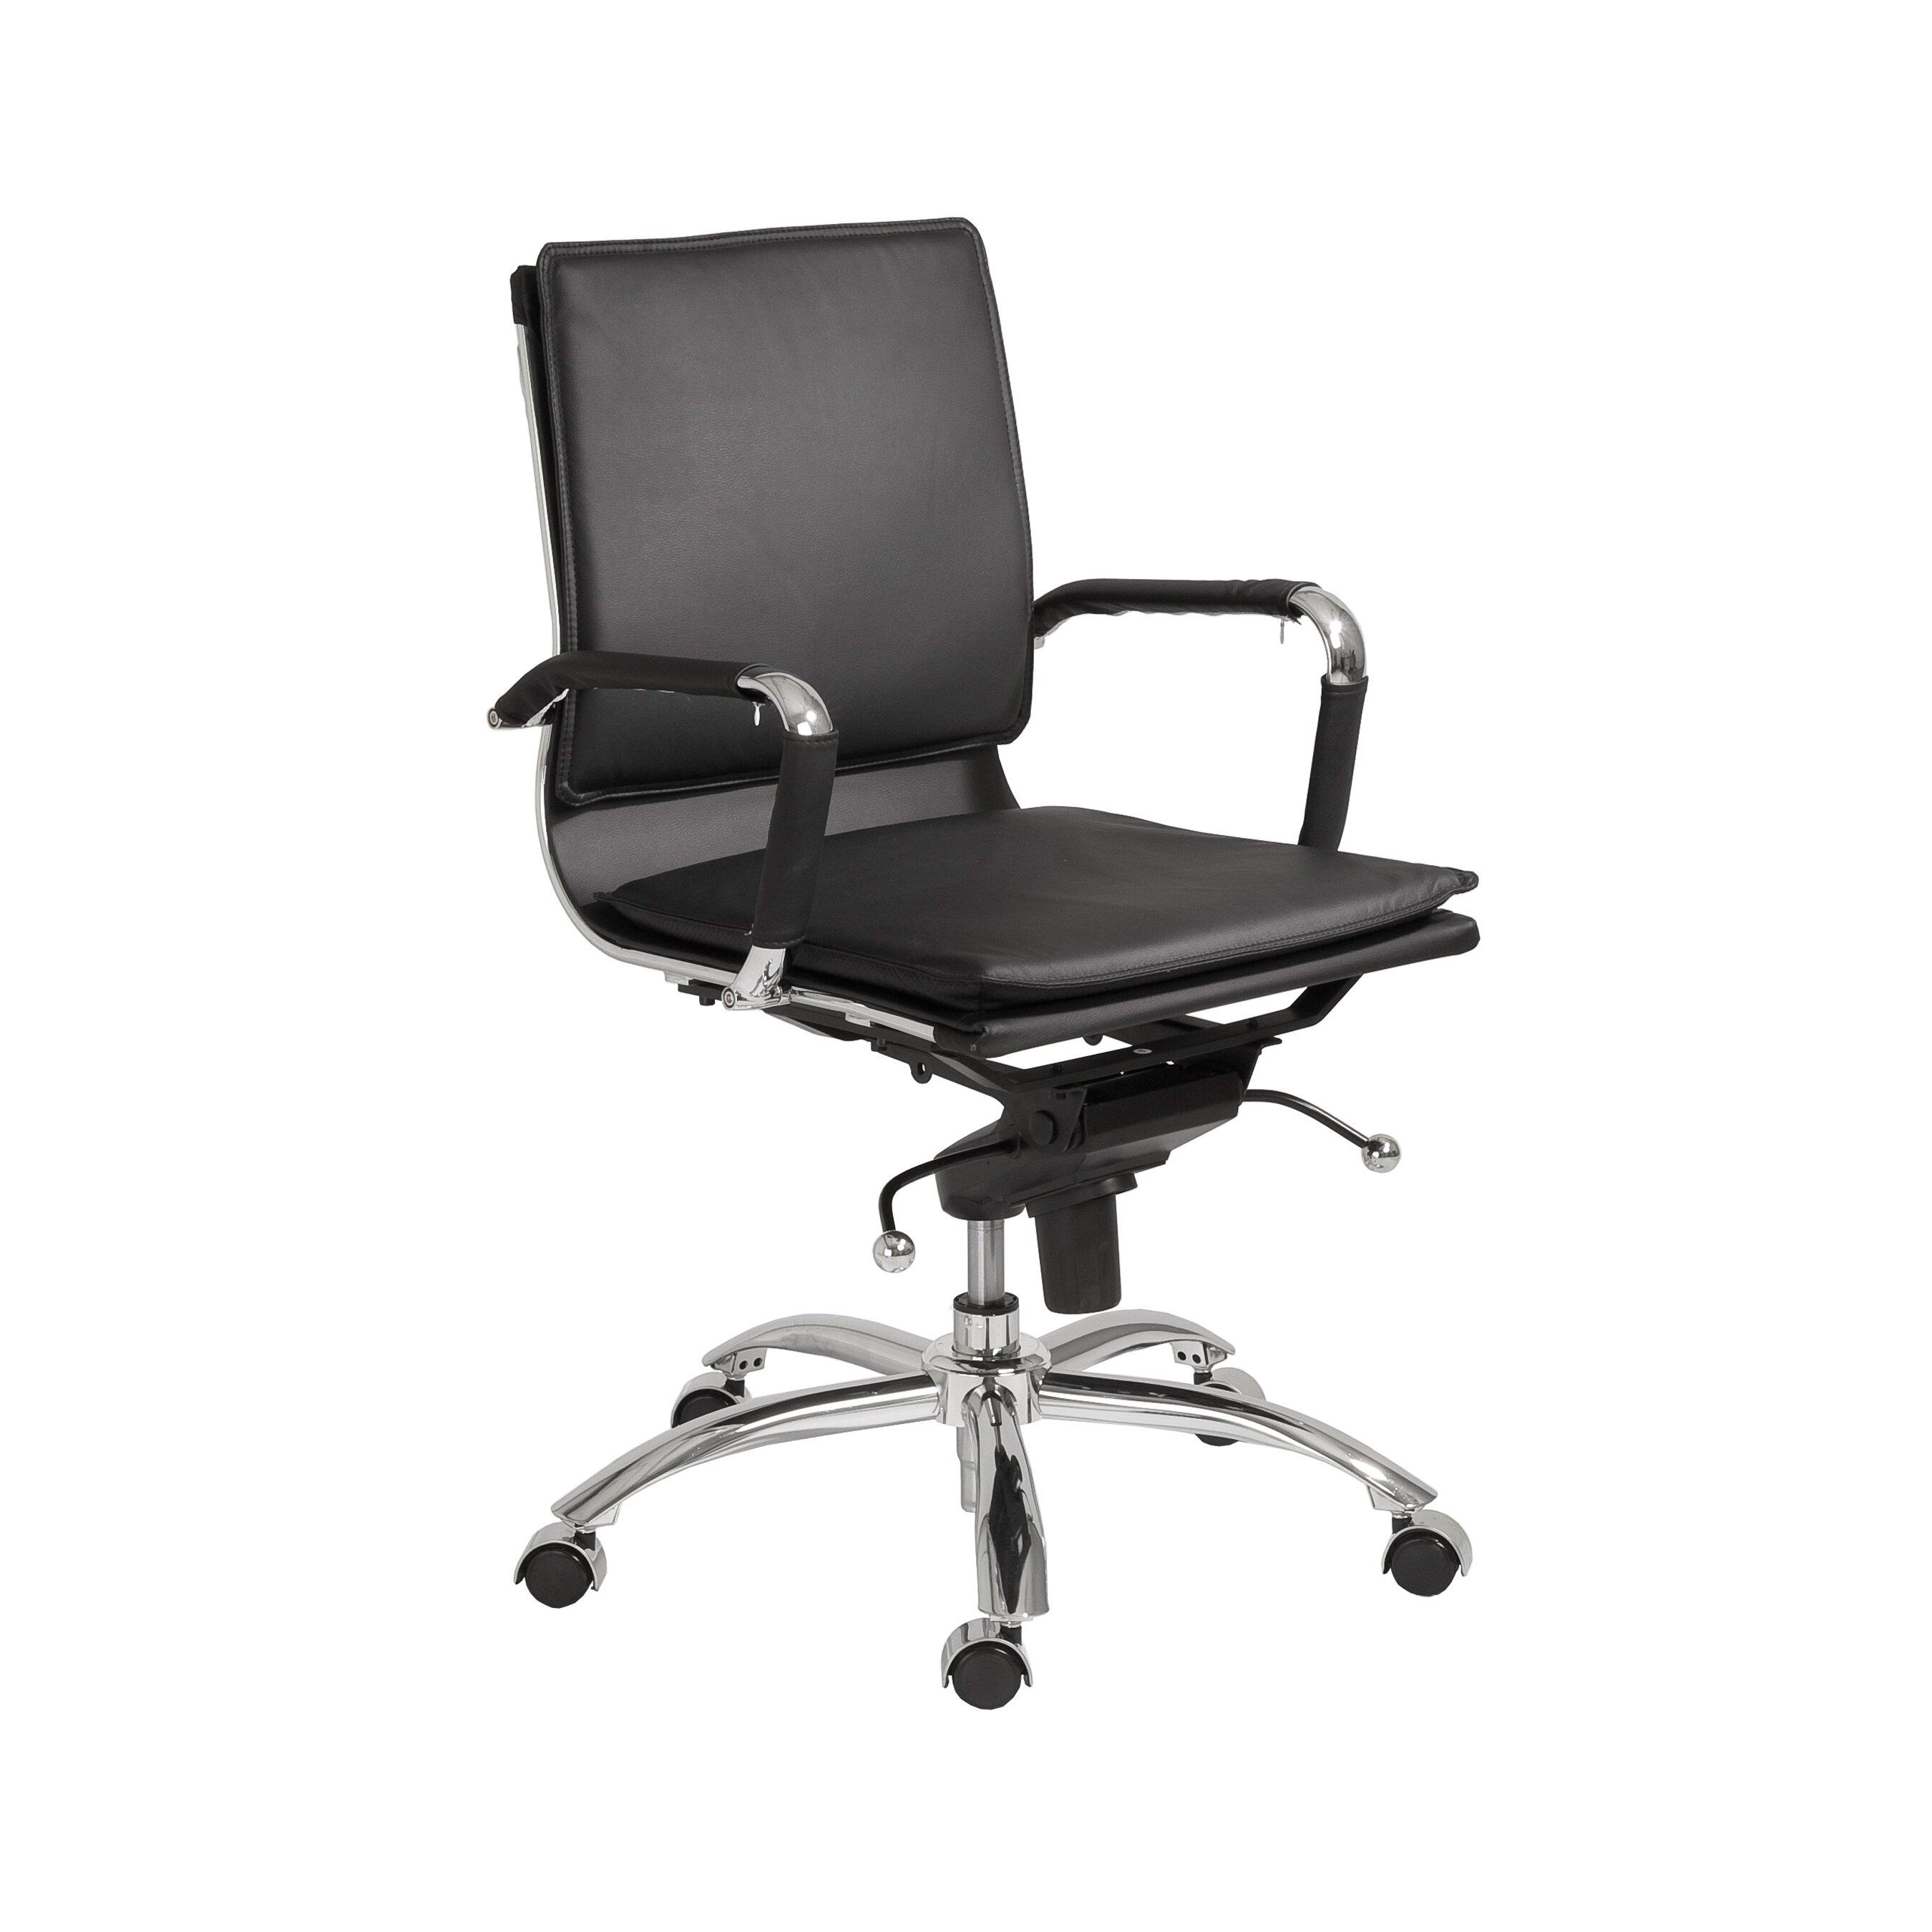 Brayden Studio Kalgoorlie Pro Low Back Adjustable Office Chair Reviews